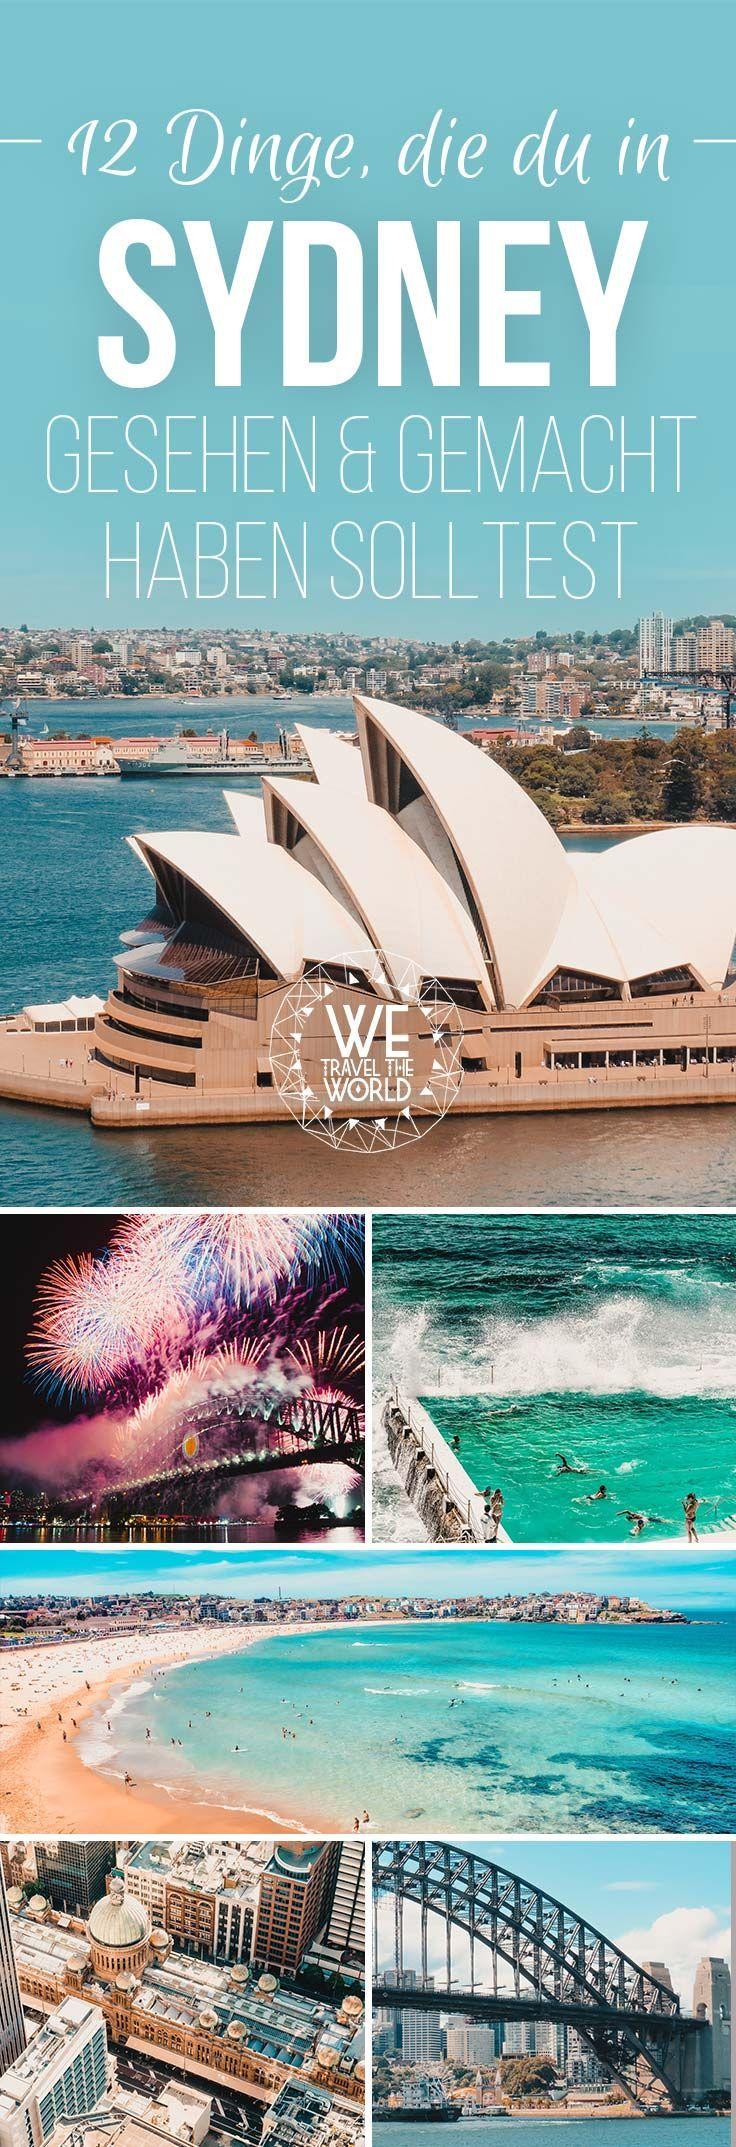 Die 12 besten Sydney Sehenswürdigkeiten, Tipps & Highlights